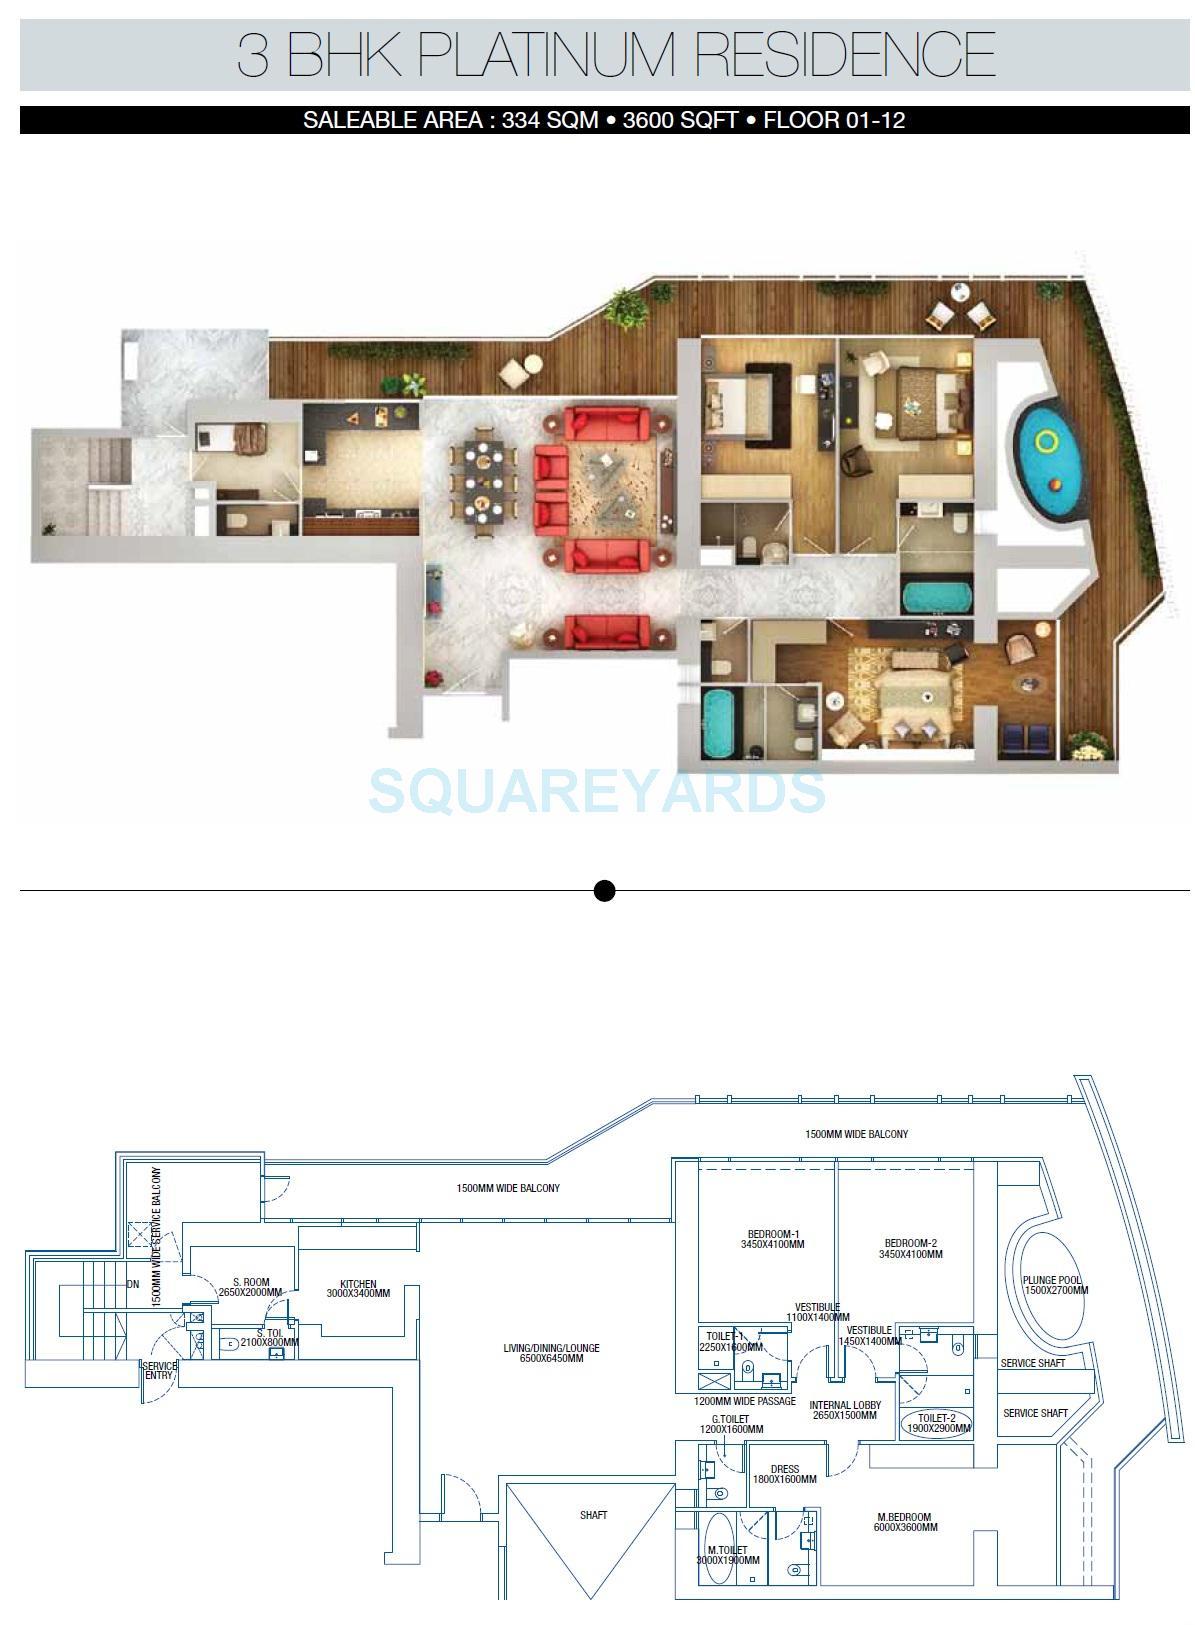 3c lotus 300 apartment 3bhk 3600sqft 1